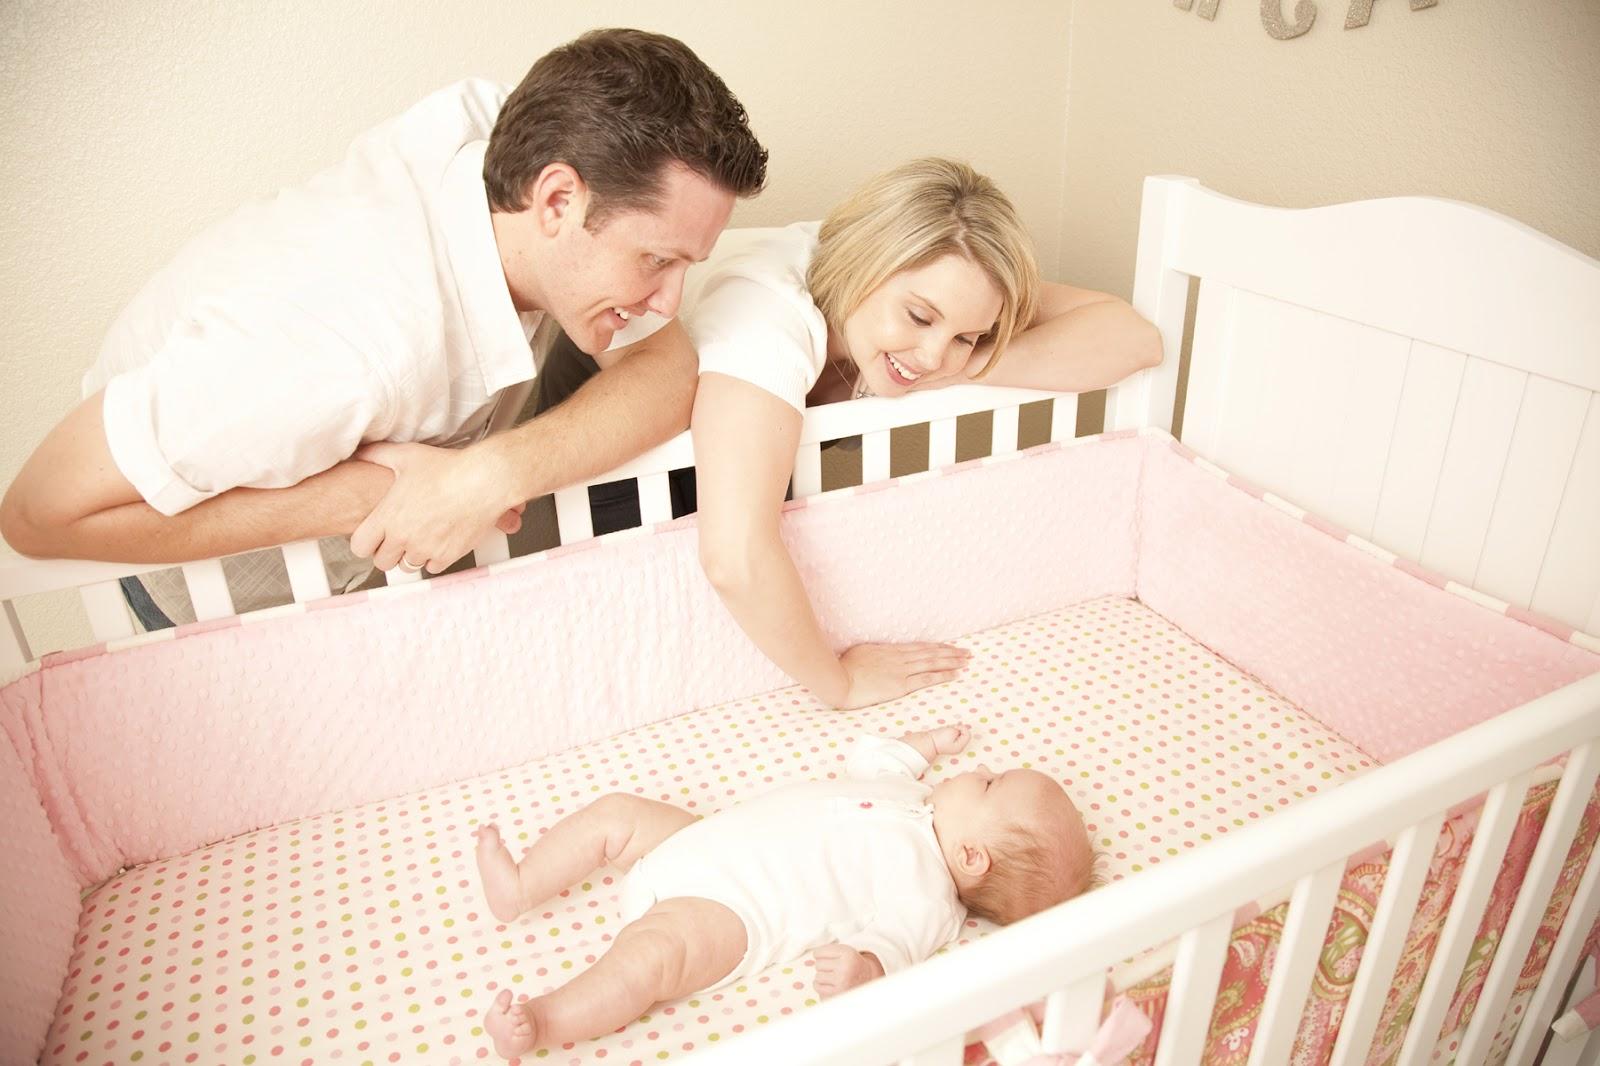 новорожденный ребенок не спит в кроватке материалами